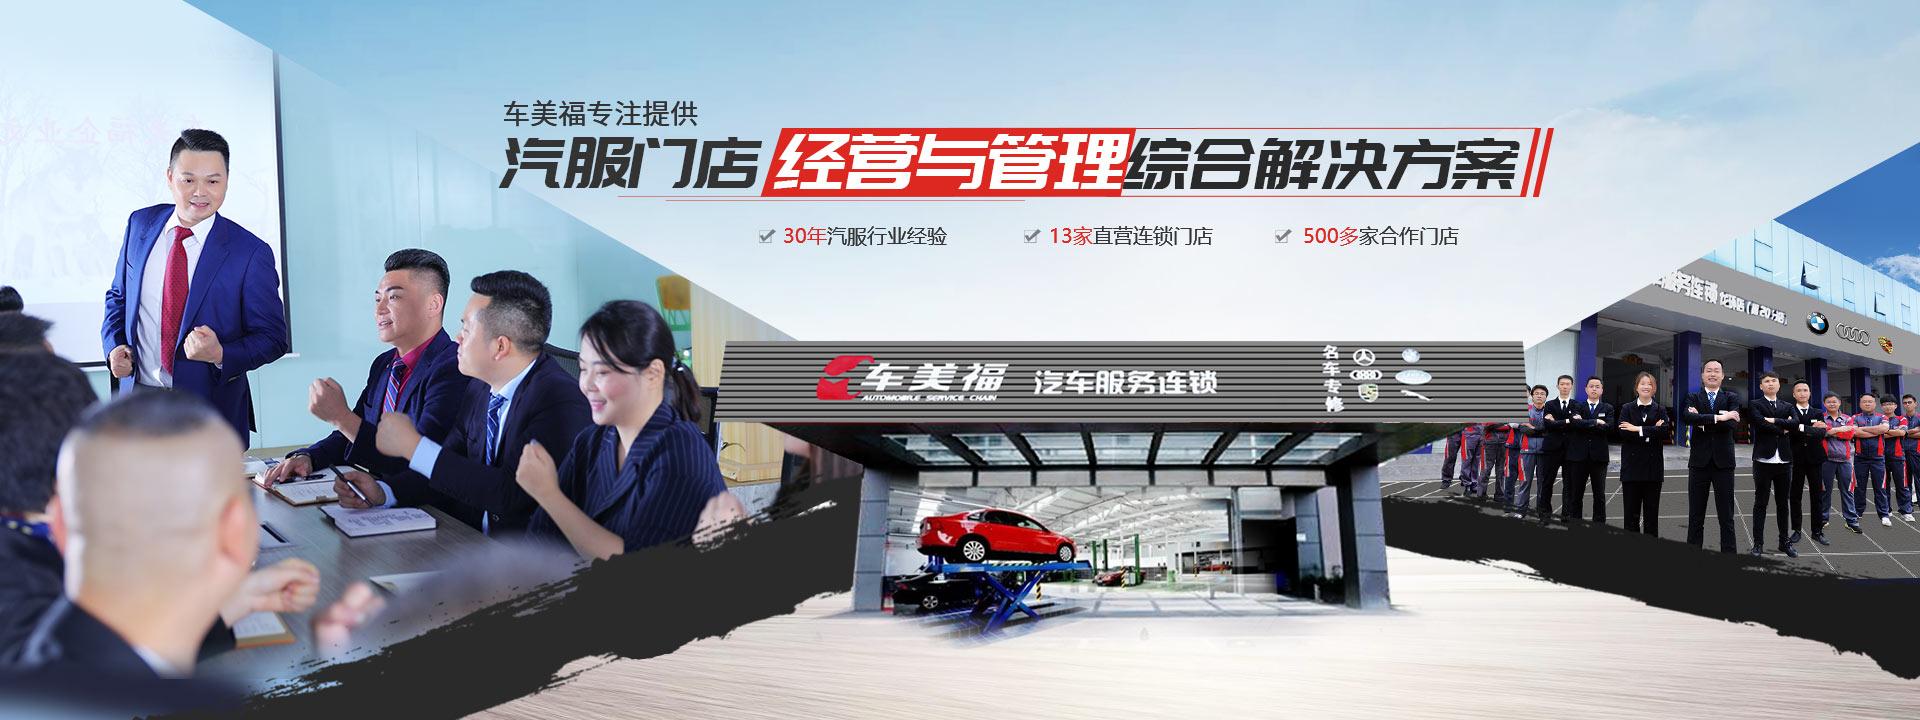 车美福专注提供汽服门店经营与管理综合解决方案